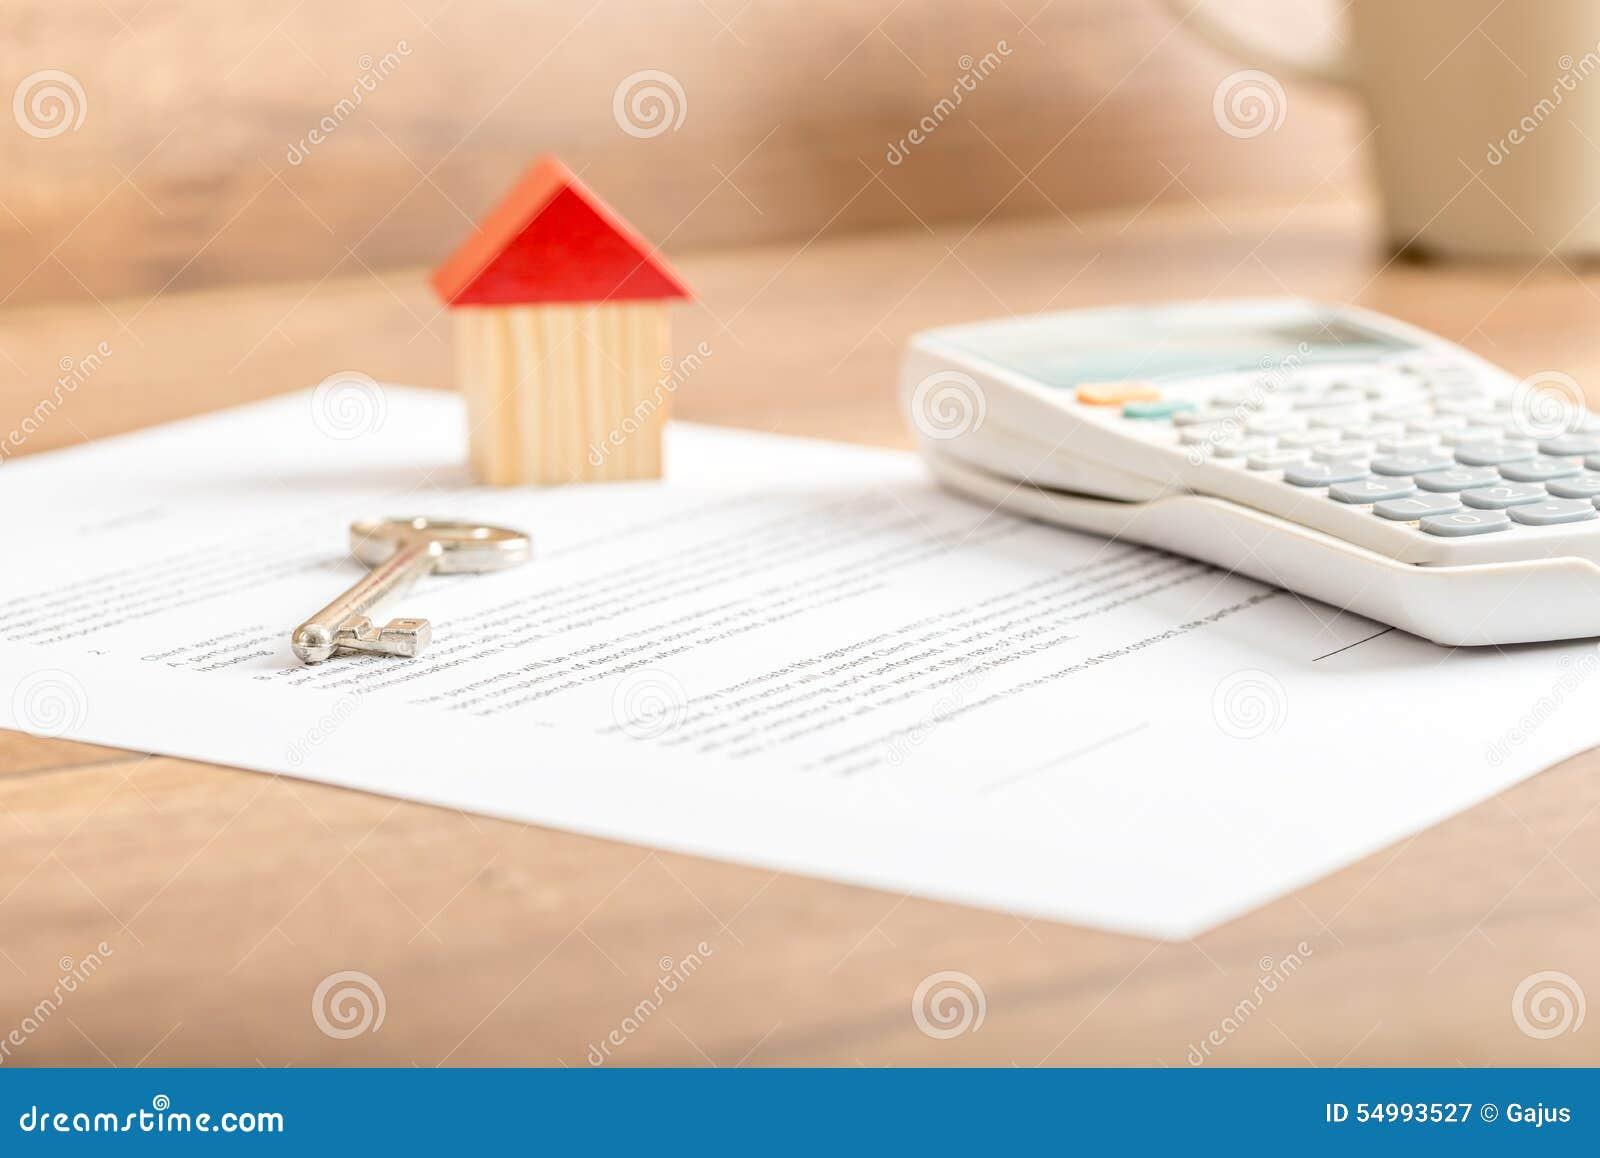 Ασημένιο βασικό να βρεθεί σπιτιών σε μια σύμβαση για την πώληση σπιτιών